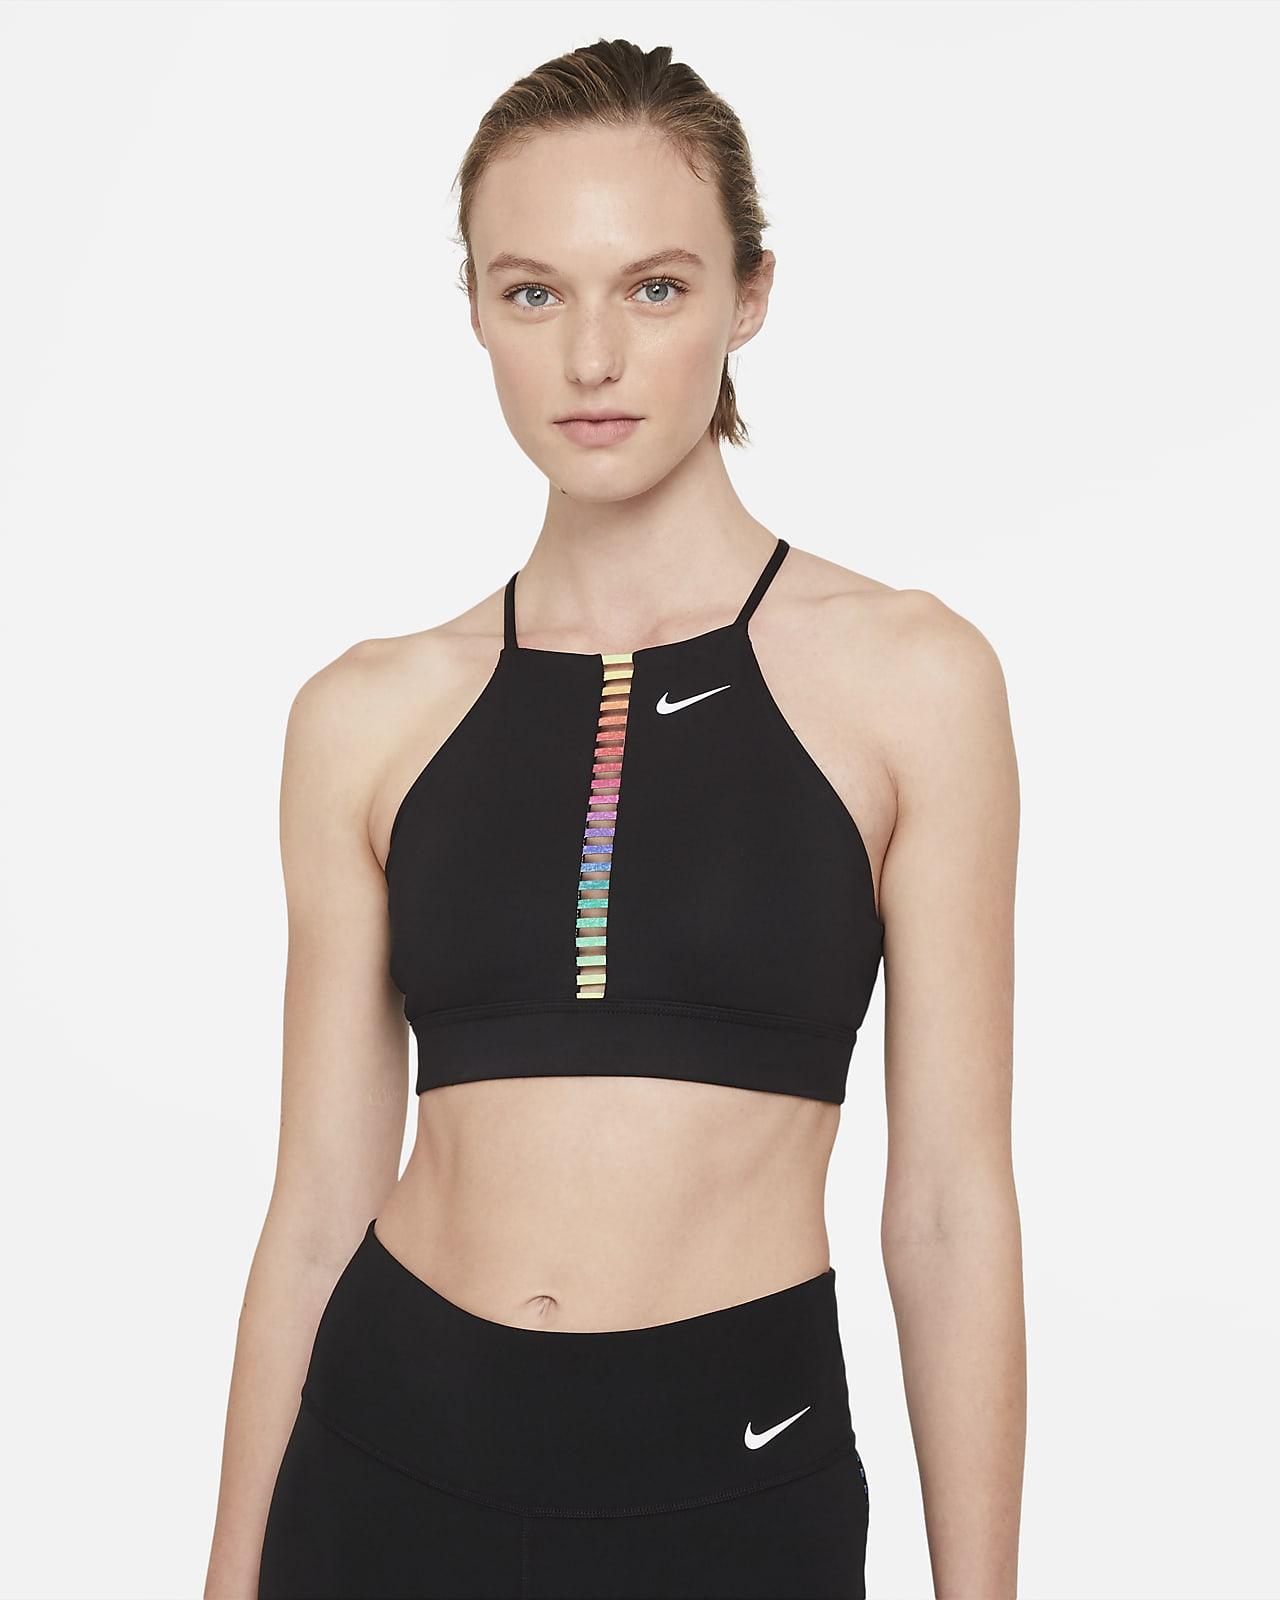 Nike Dri-FIT Indy Rainbow Ladder gepolsterter Sport-BH mit leichtem Halt und hohem Ausschnitt für Damen